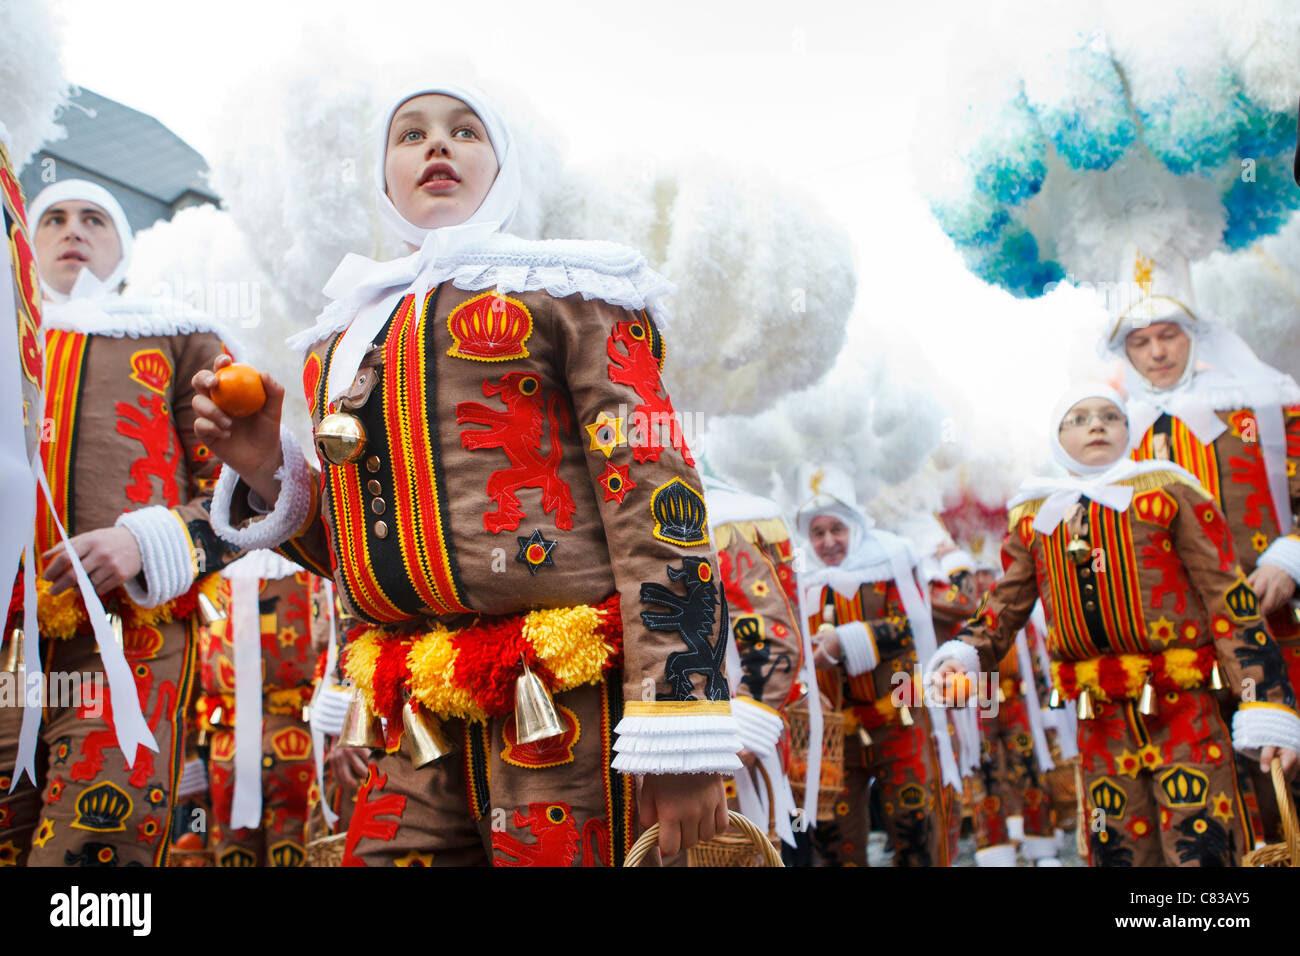 festival carnival participants binche belgium traditional ...